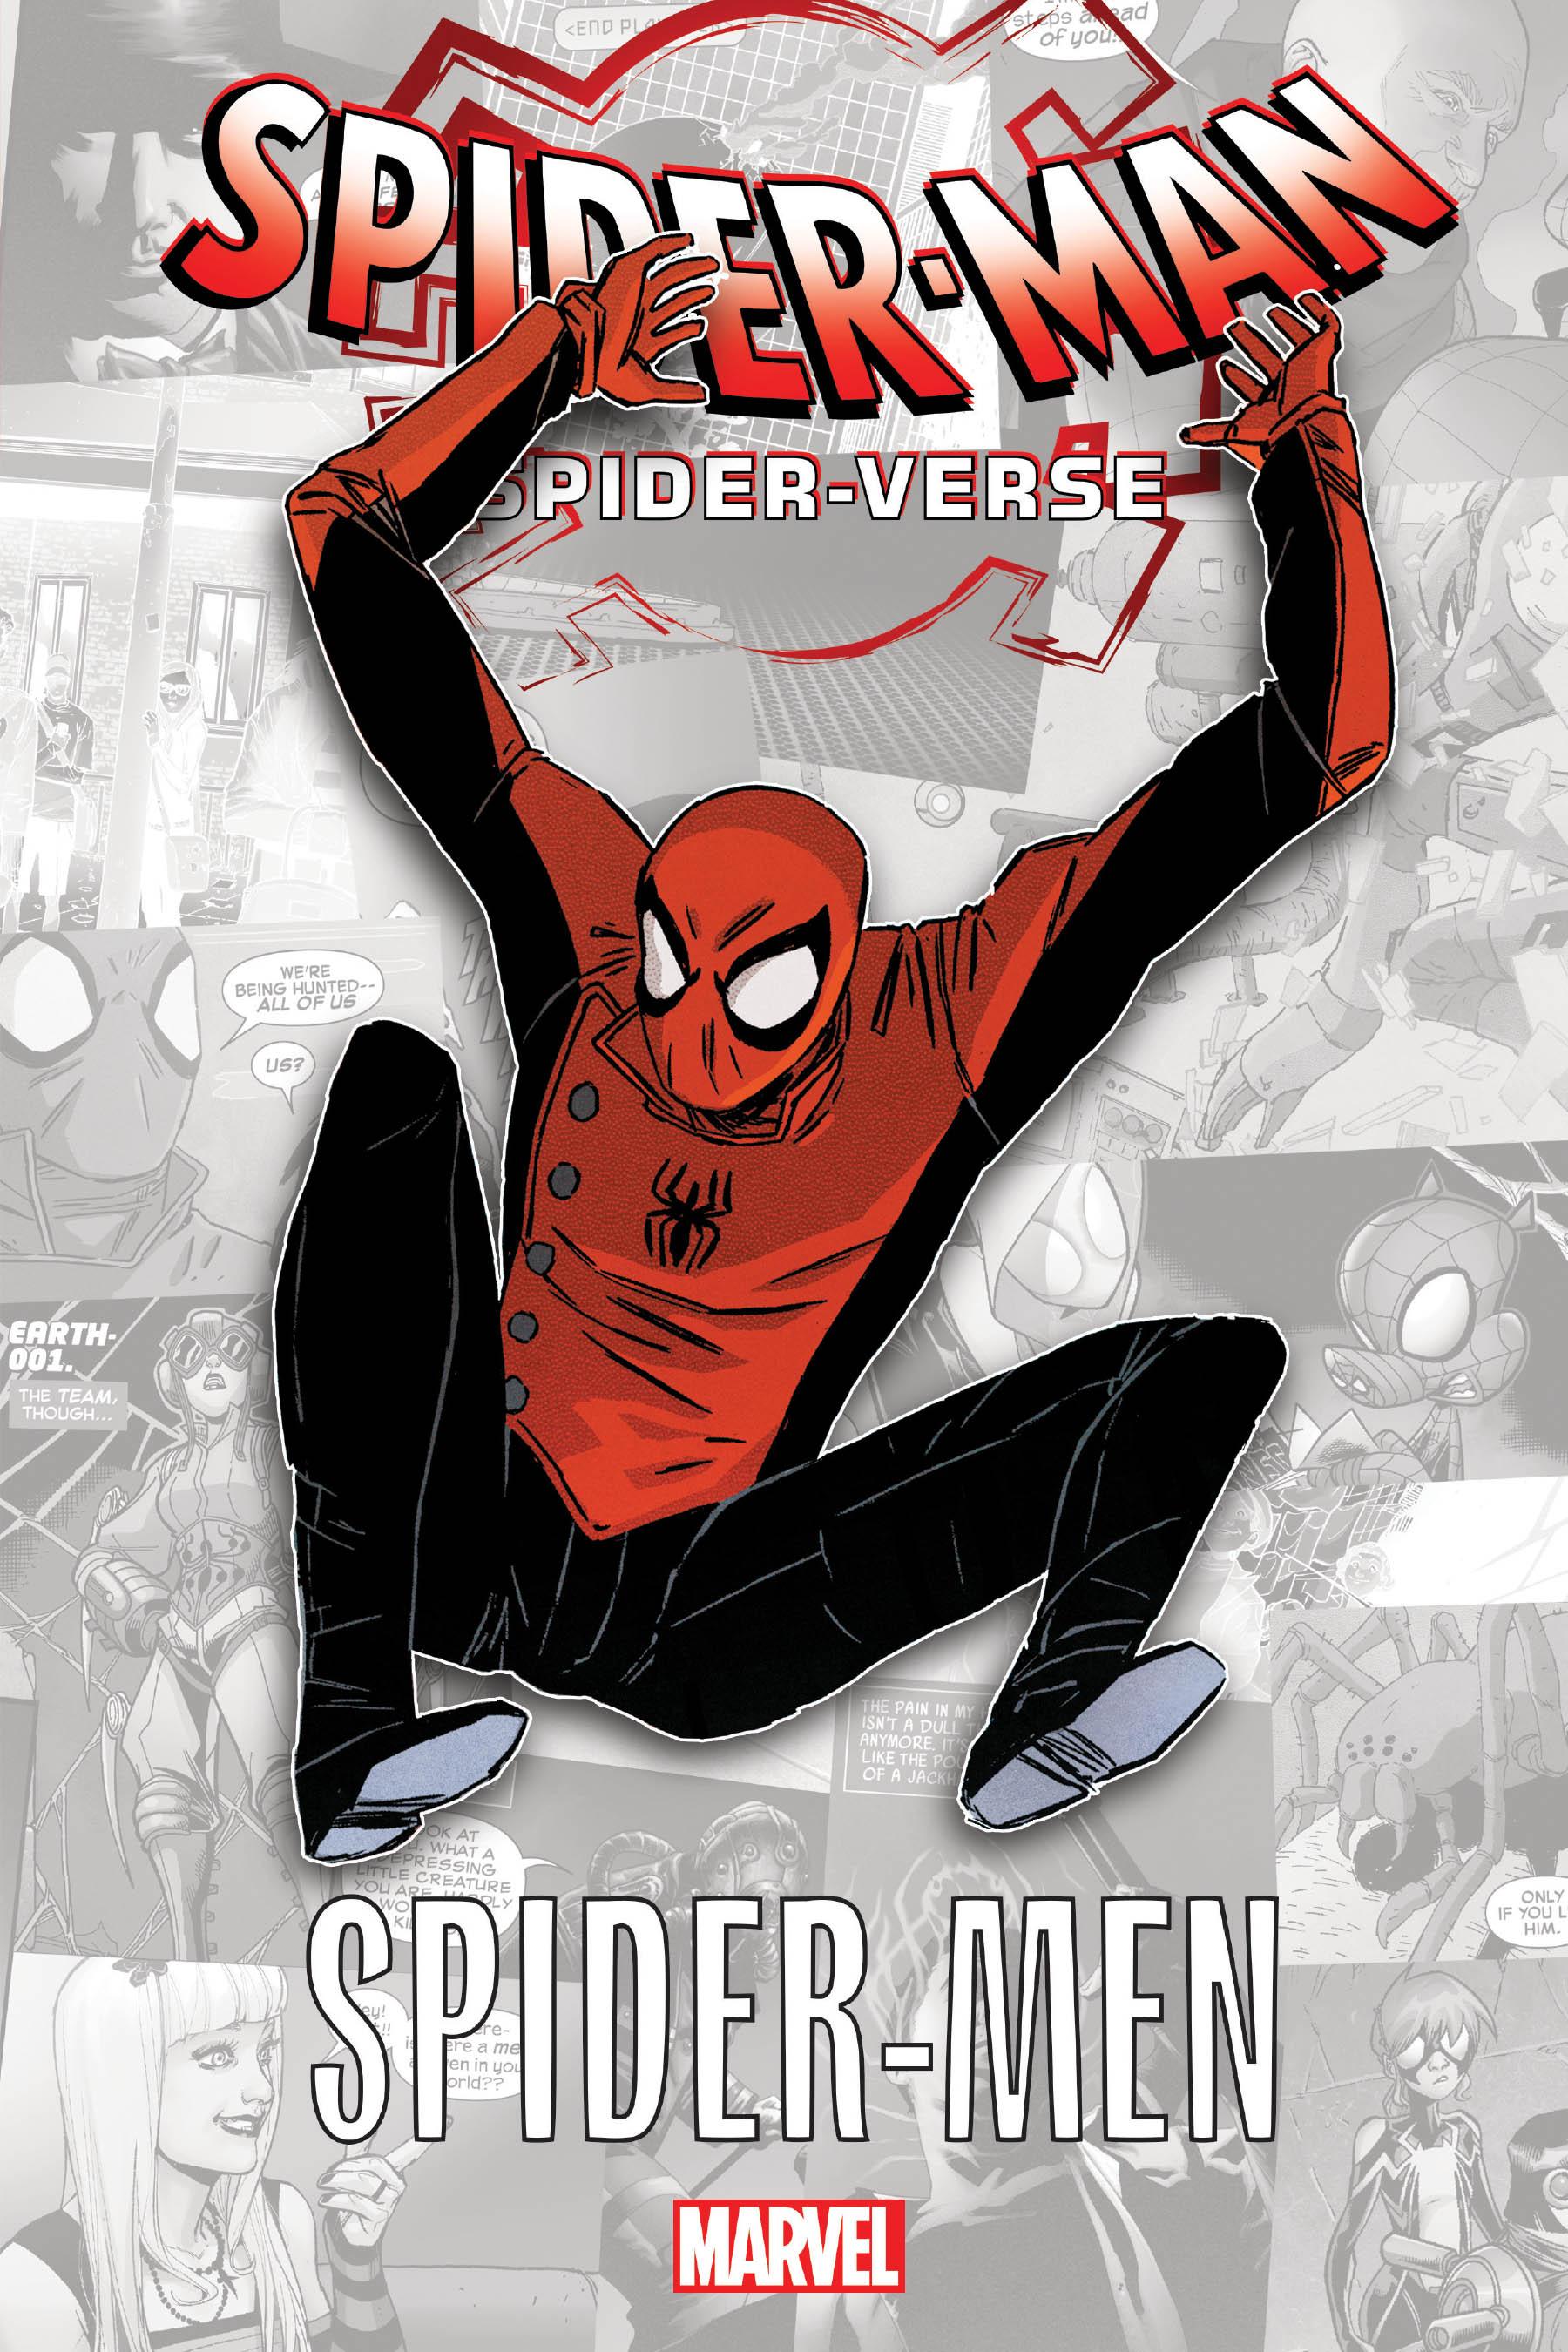 Spider-Man: Spider-Verse - Spider-Men (Trade Paperback)